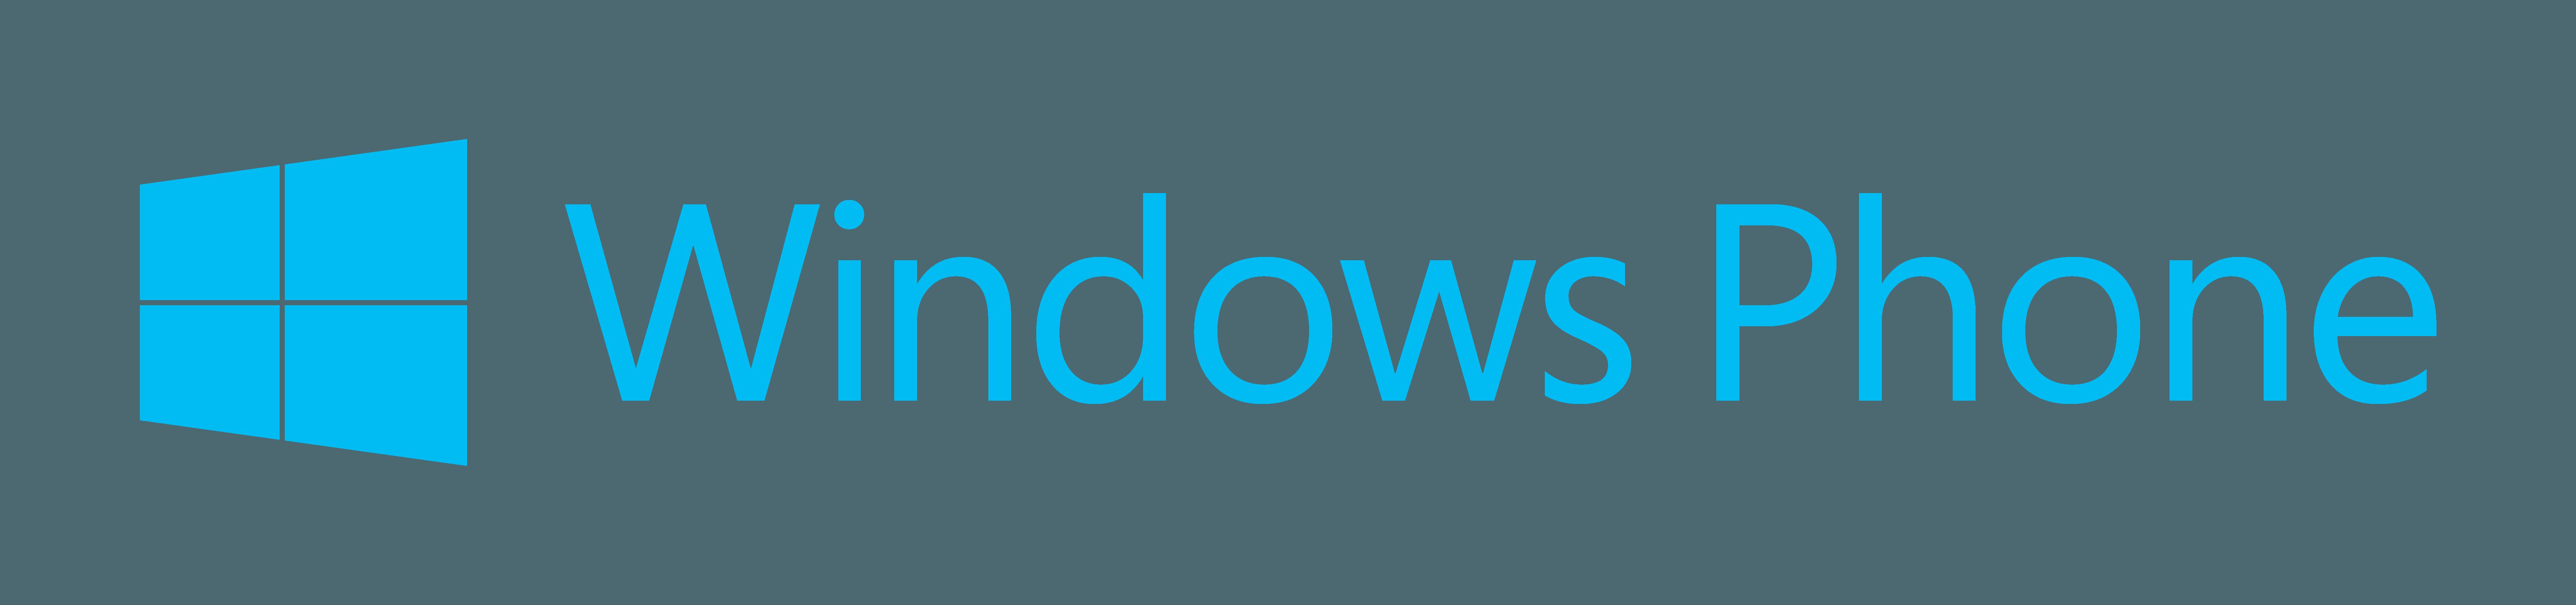 Urządzenie z Windows Phone, napędzane Snapdragonem 820, dostrzeżone w GFXBench 30